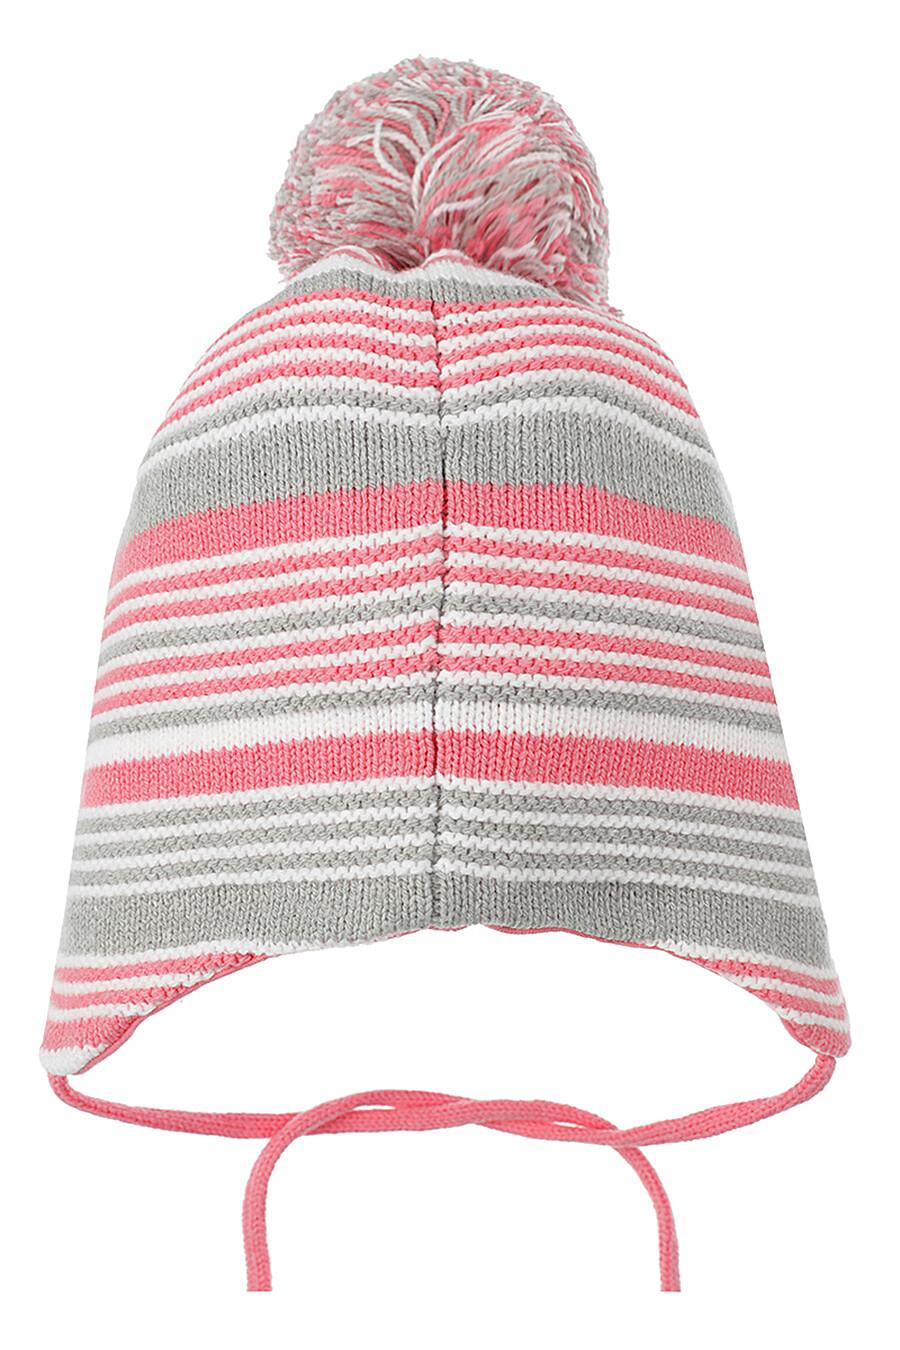 Шапка для девочек PLAYTODAY 176574 купить оптом от производителя. Совместная покупка детской одежды в OptMoyo